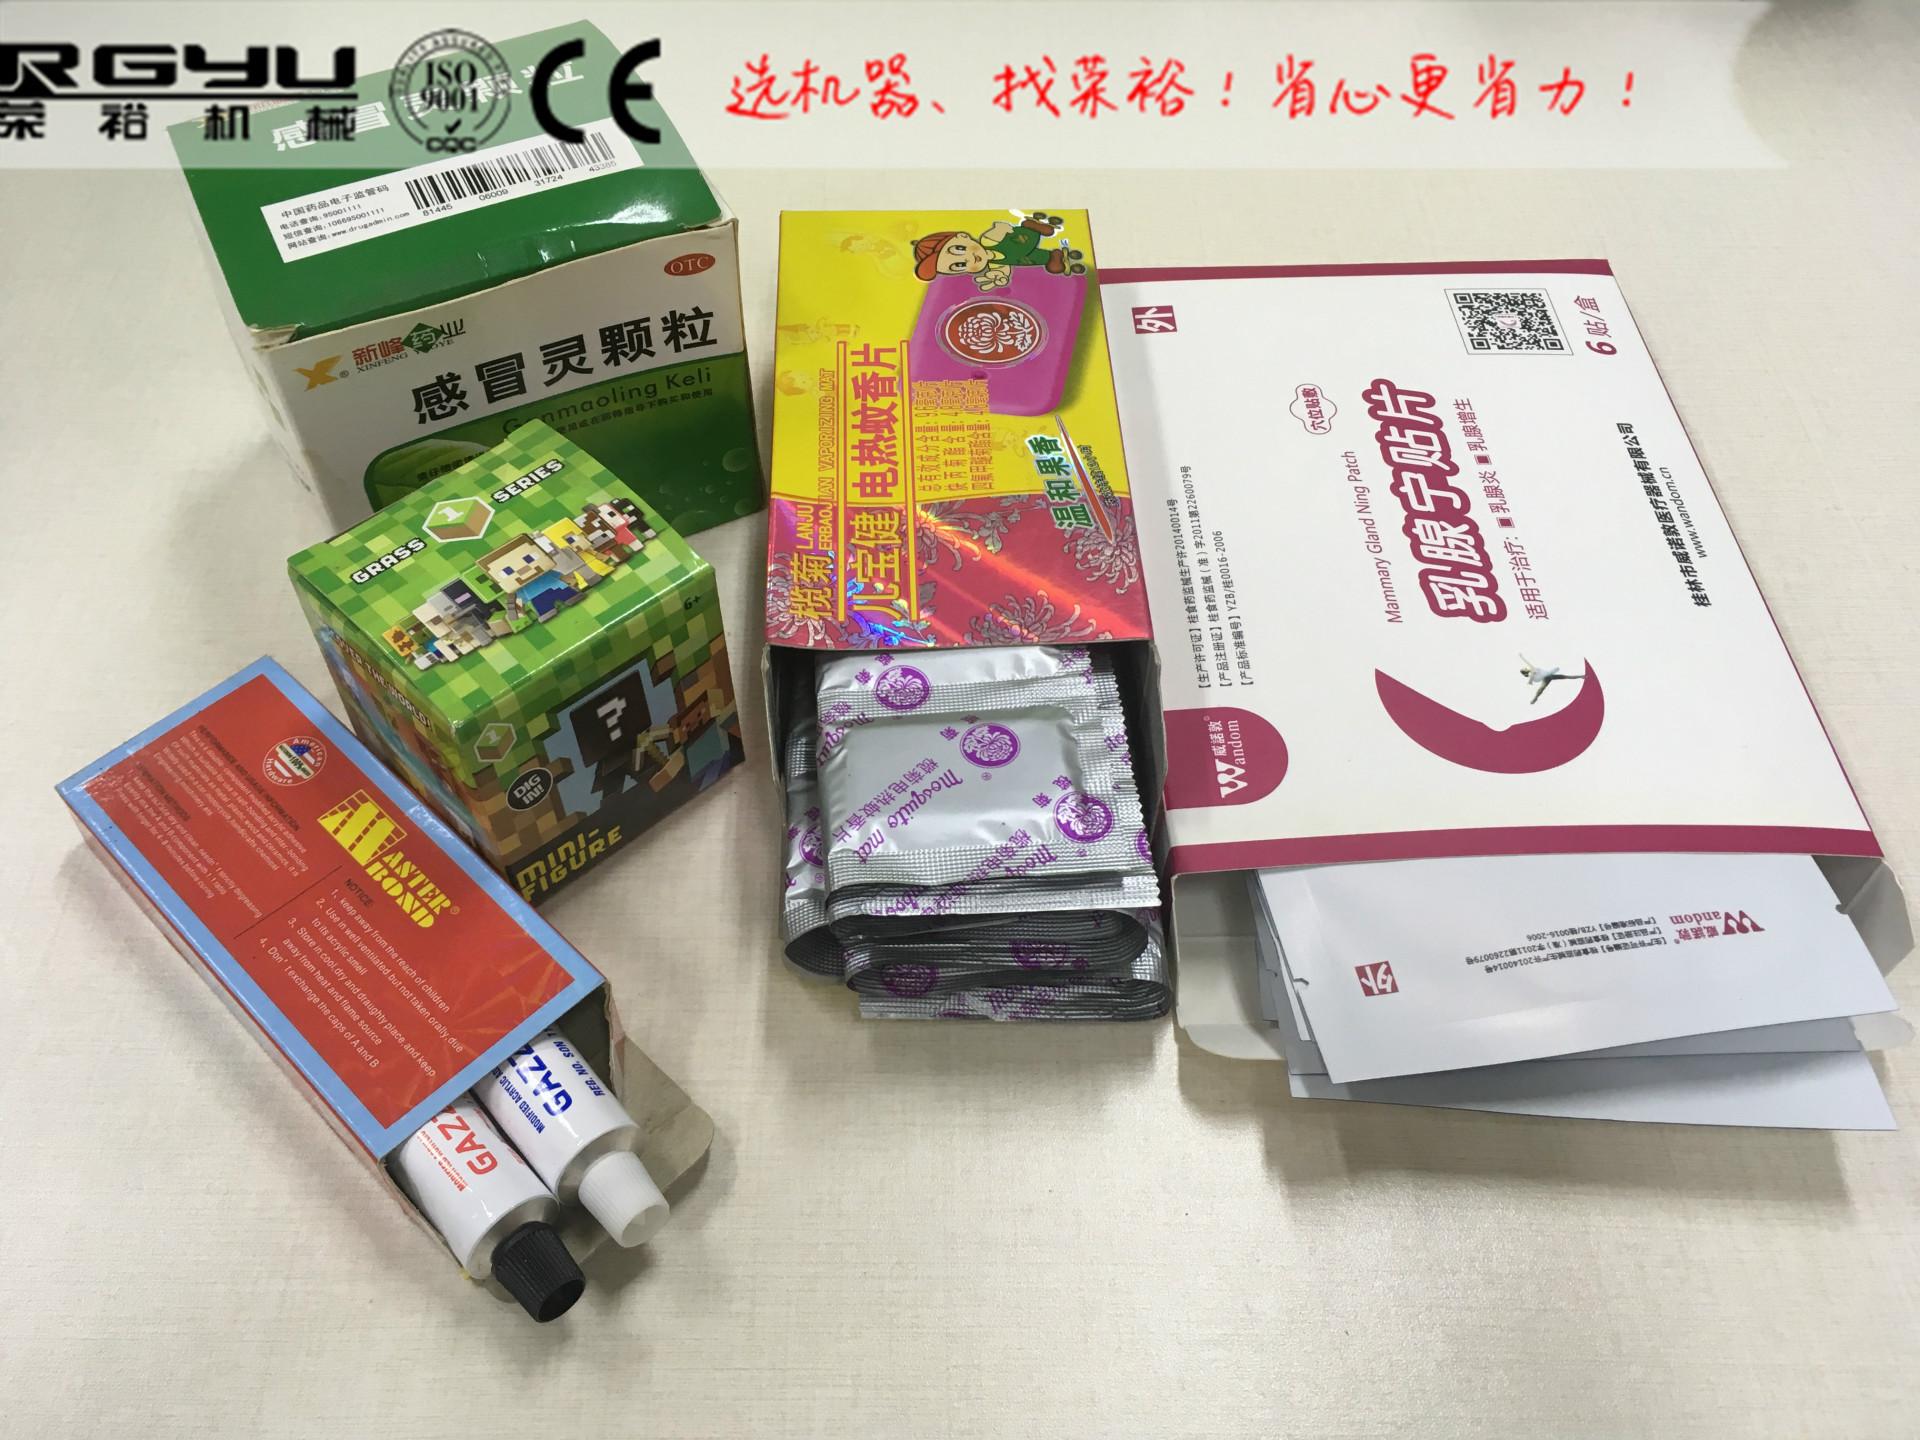 食品全自动装盒机 广州日用品自动包装设备 广州自动生产流水线示例图136